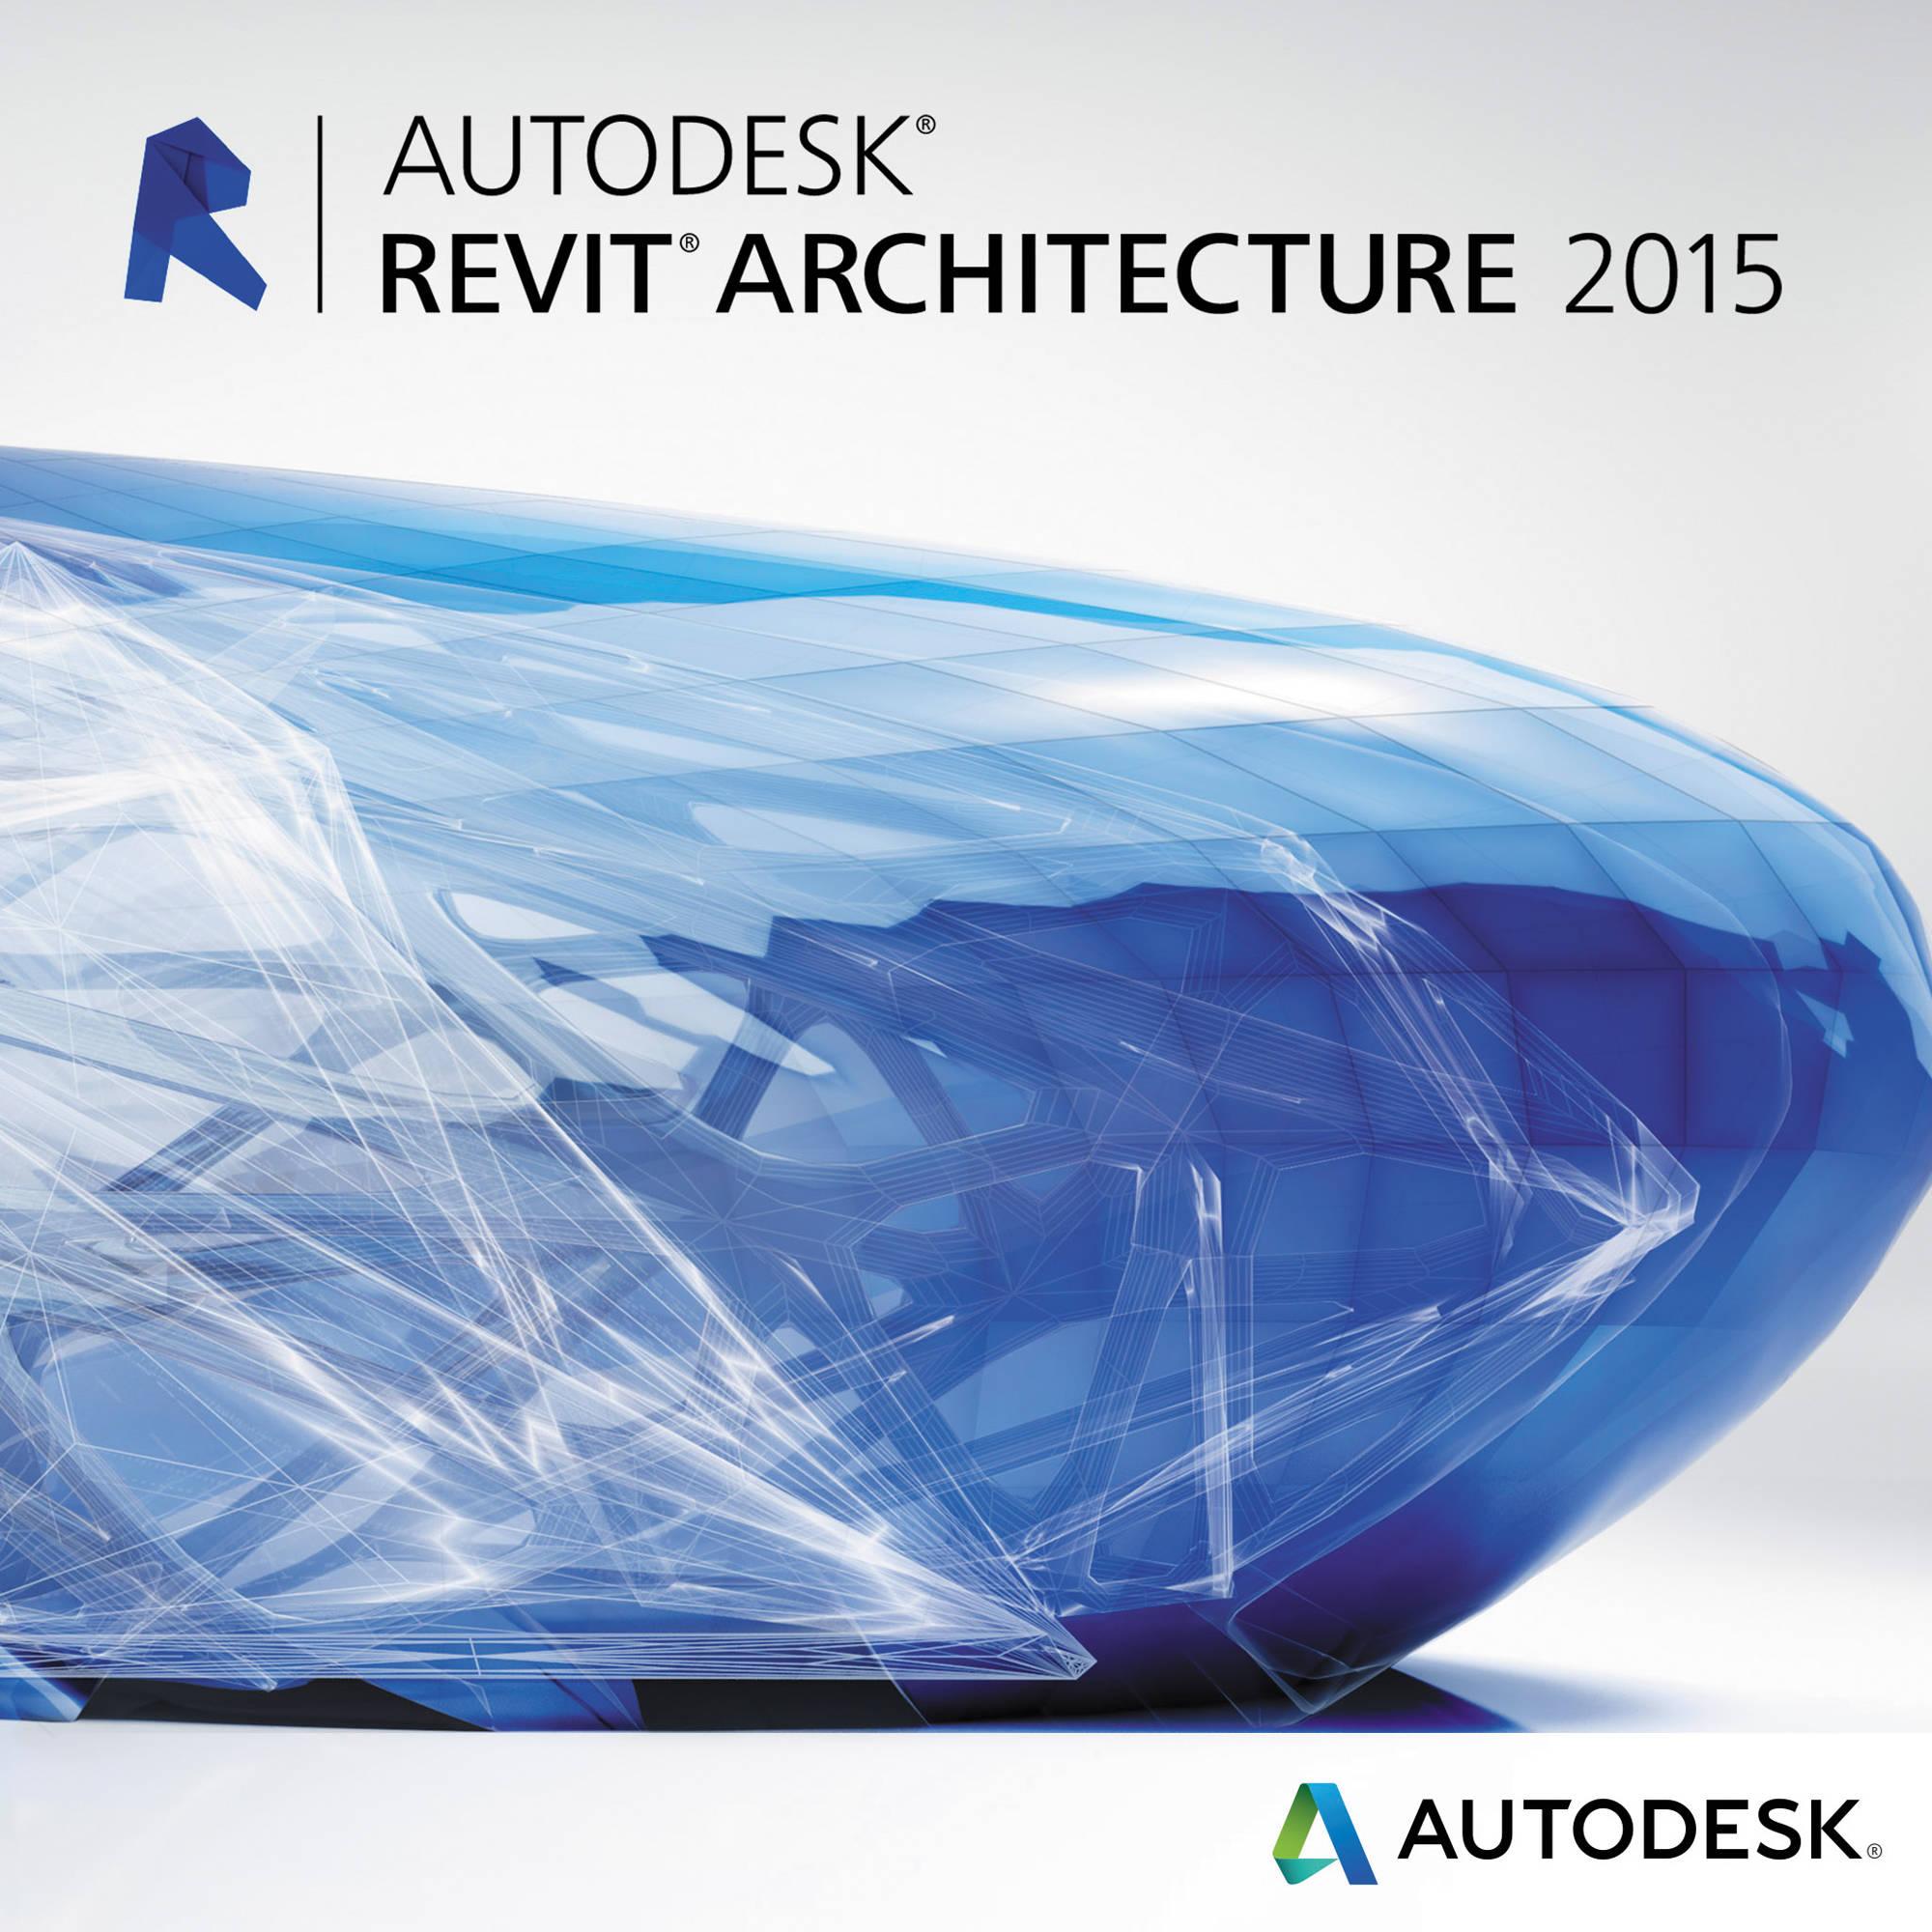 Autodesk Revit Structure 2015 Free Download